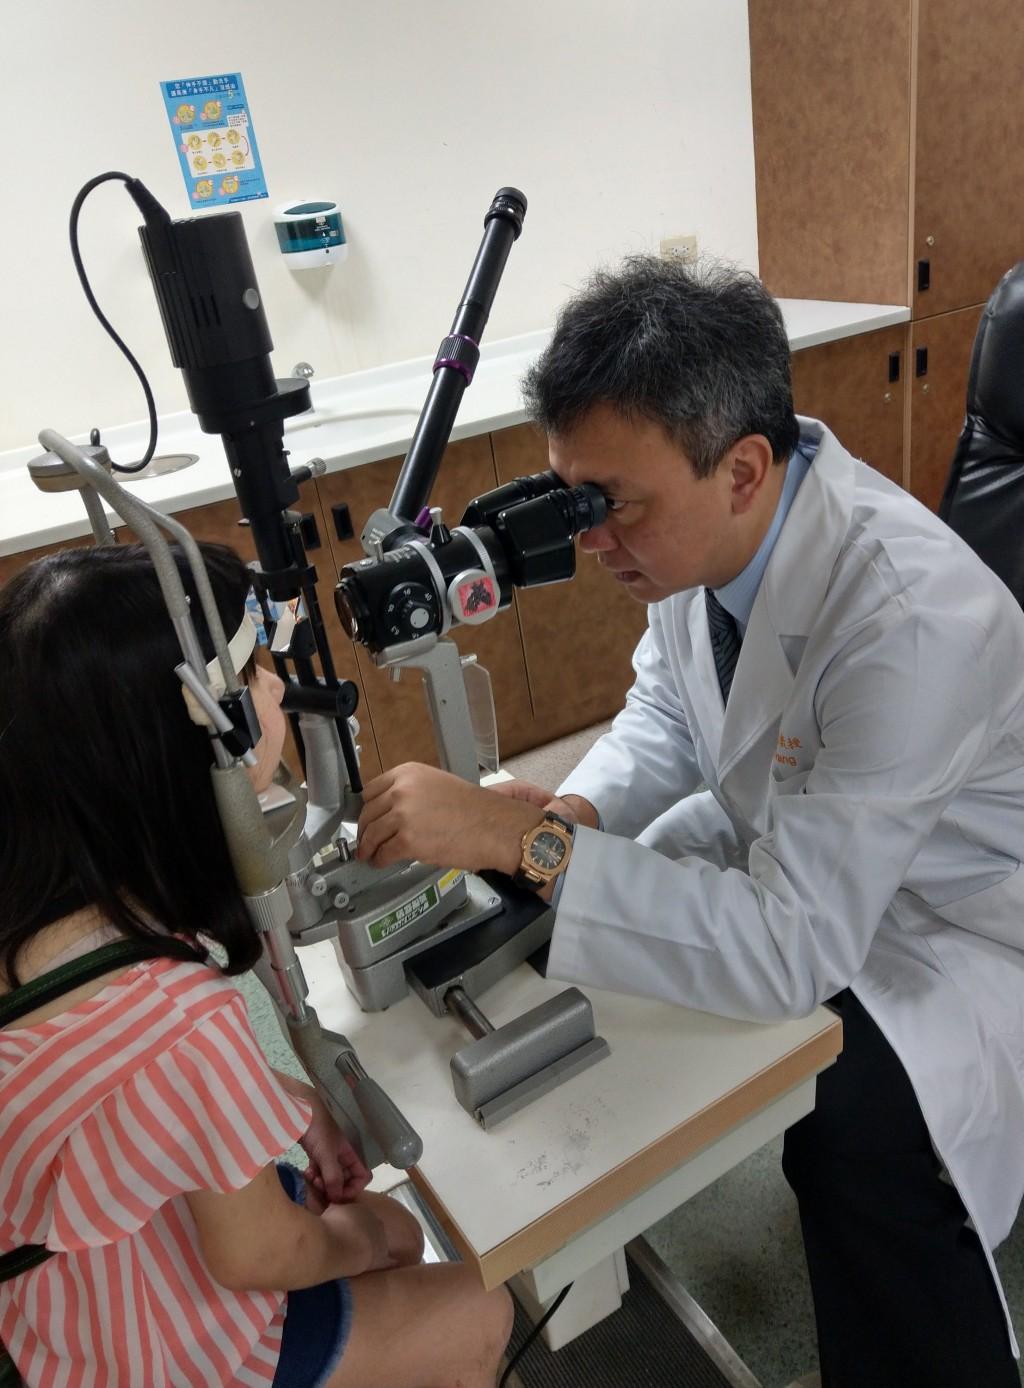 黃小姐(左)的雙眼虹彩炎接連發病,黃奕修醫師(右)與兒童醫學部風濕免疫科醫師合作以多種生物製劑治療,才抑制了另一病眼的惡化,但失明的眼睛已